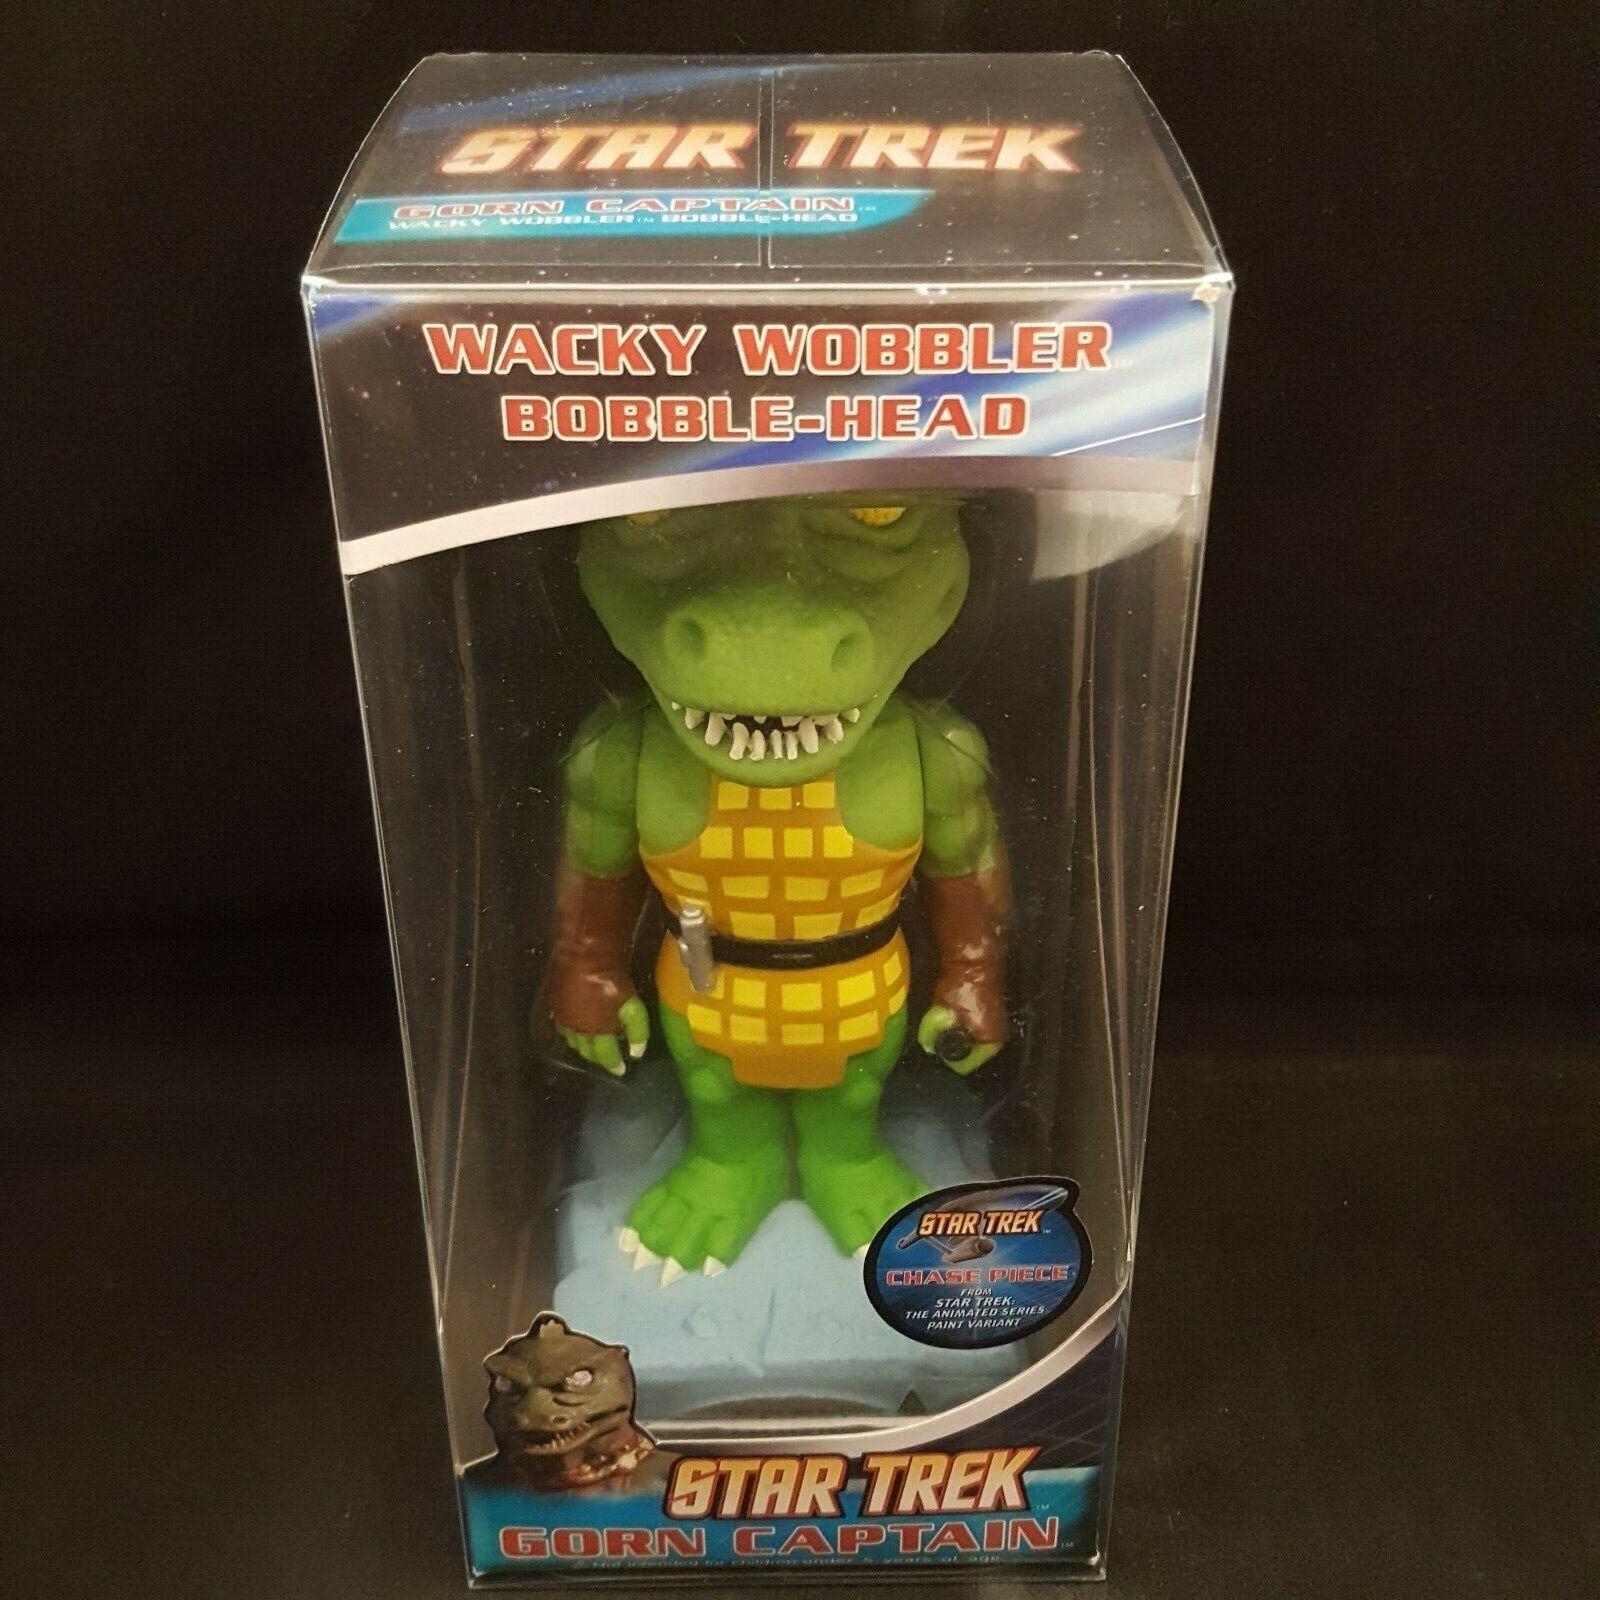 FUNKO Gorn capitán chase Star Trek Pieza WACKY WOBBLER BOBBLE HEAD + Prossoector